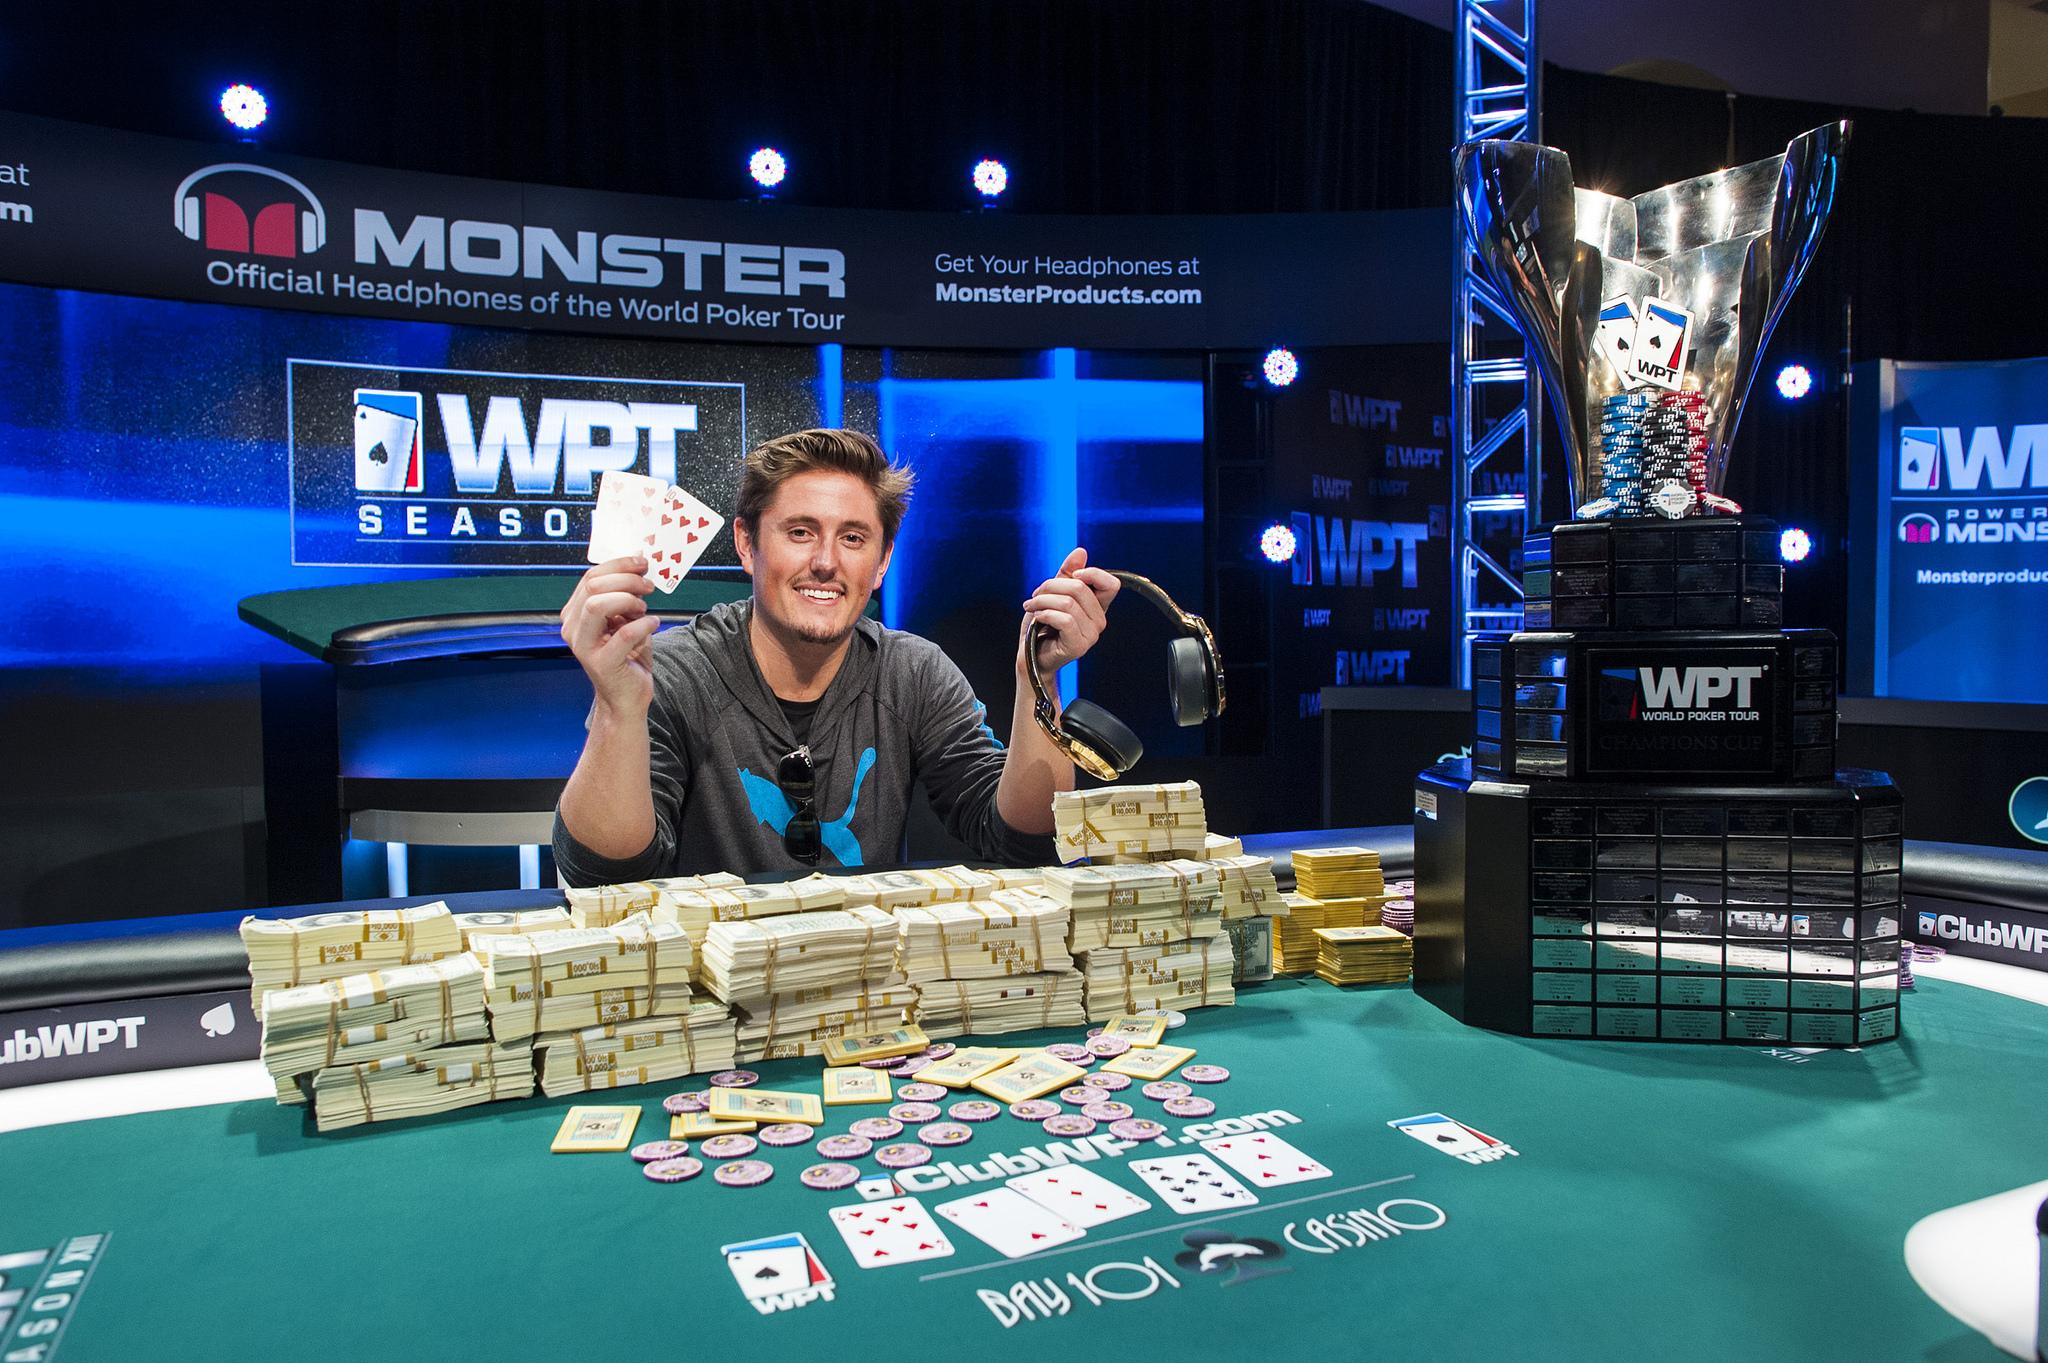 Poker news star casino rules of poker highest hands